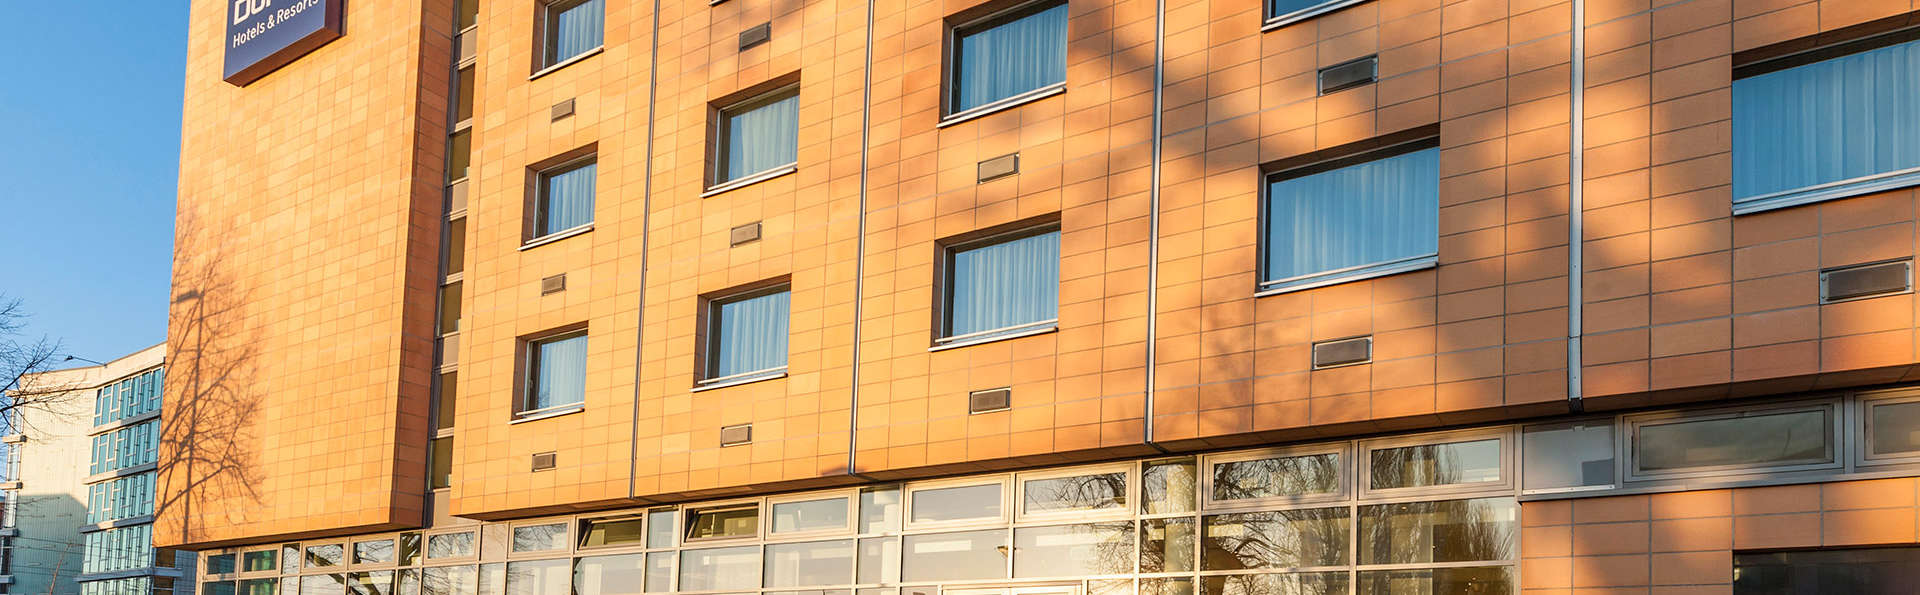 Dorint Adlershof Berlin  - EDIT_Berlin-Adlershof_aussen_09.jpg